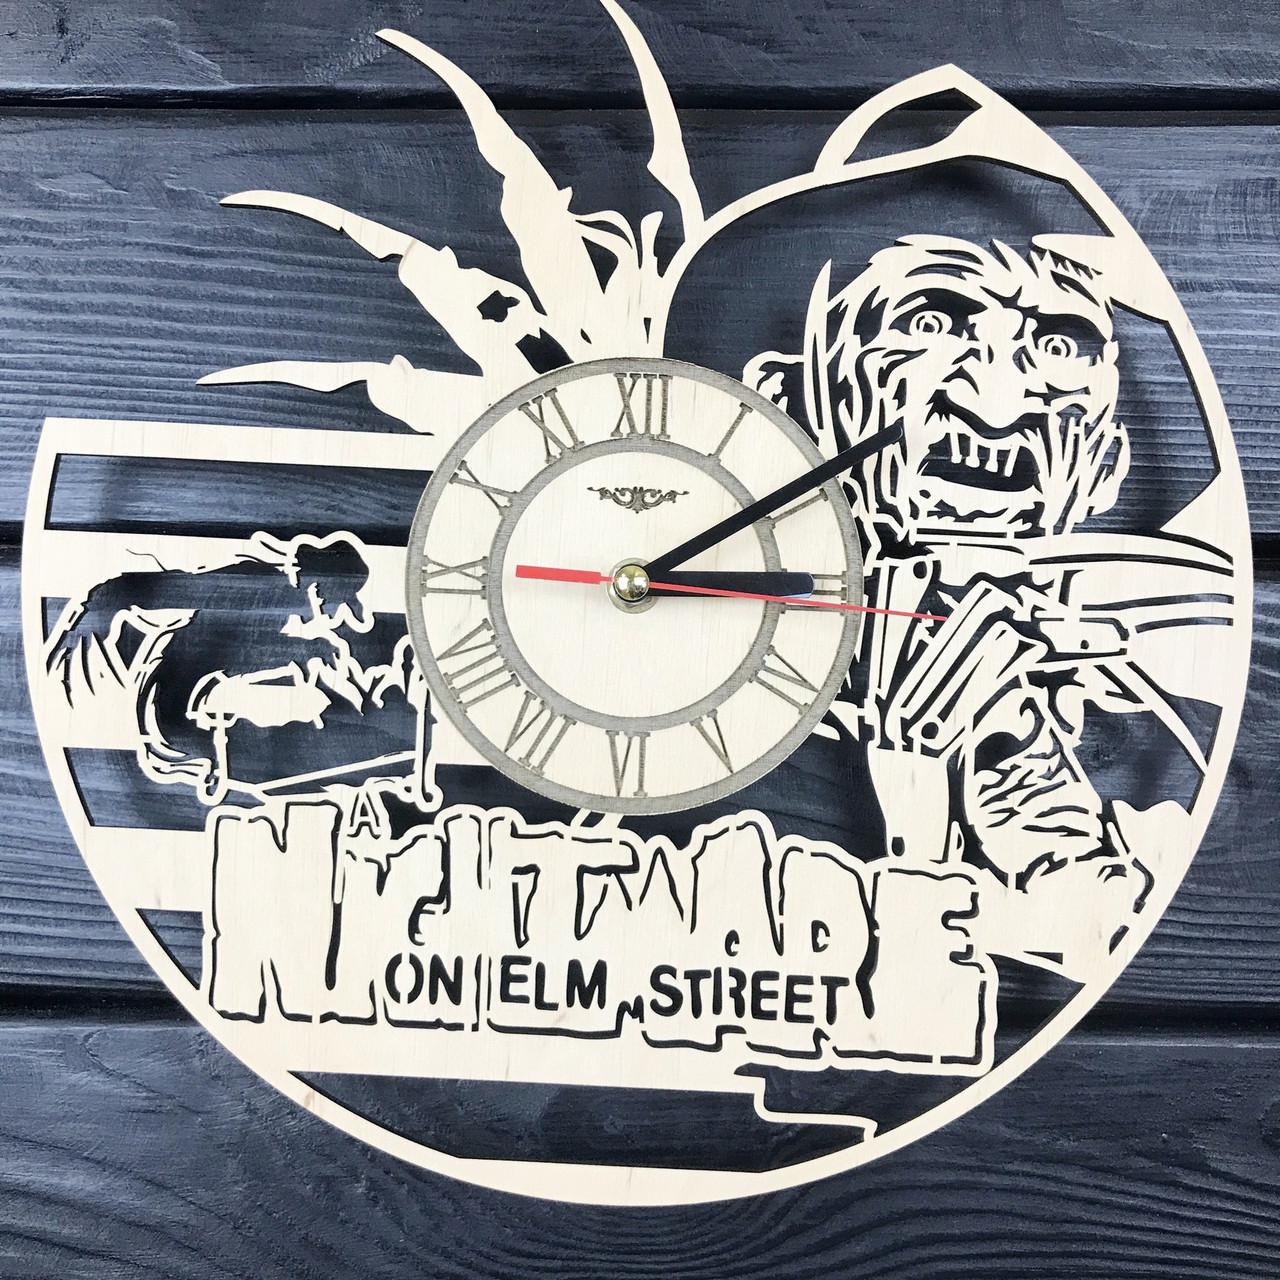 Оригинальные настенные часы из дерева «Фредди Крюгер»